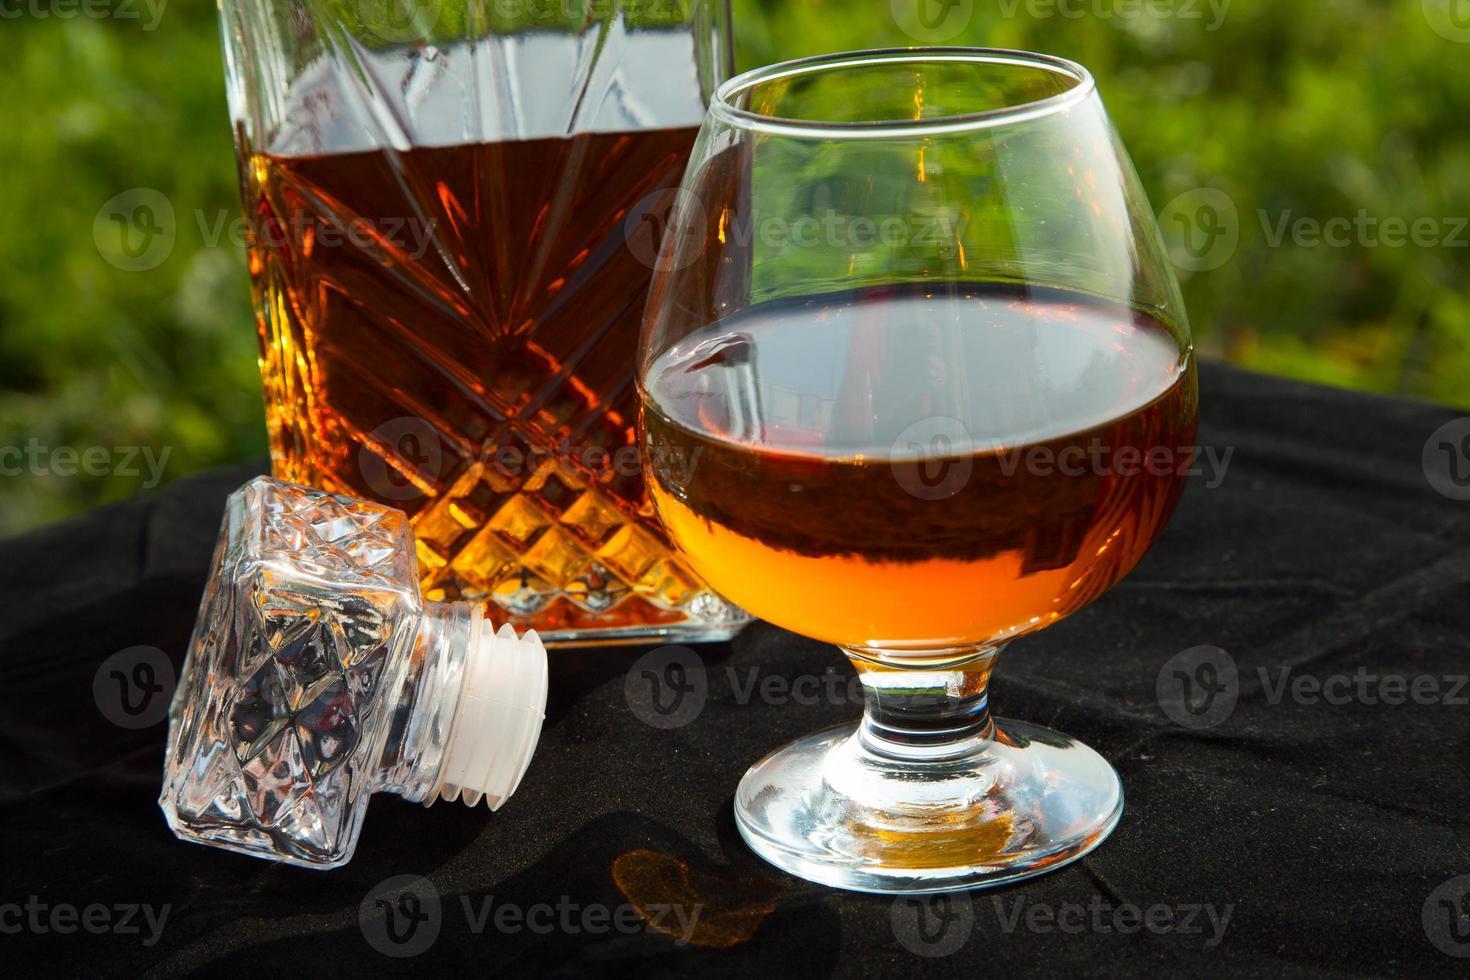 caraffa con un bicchiere di brandy foto